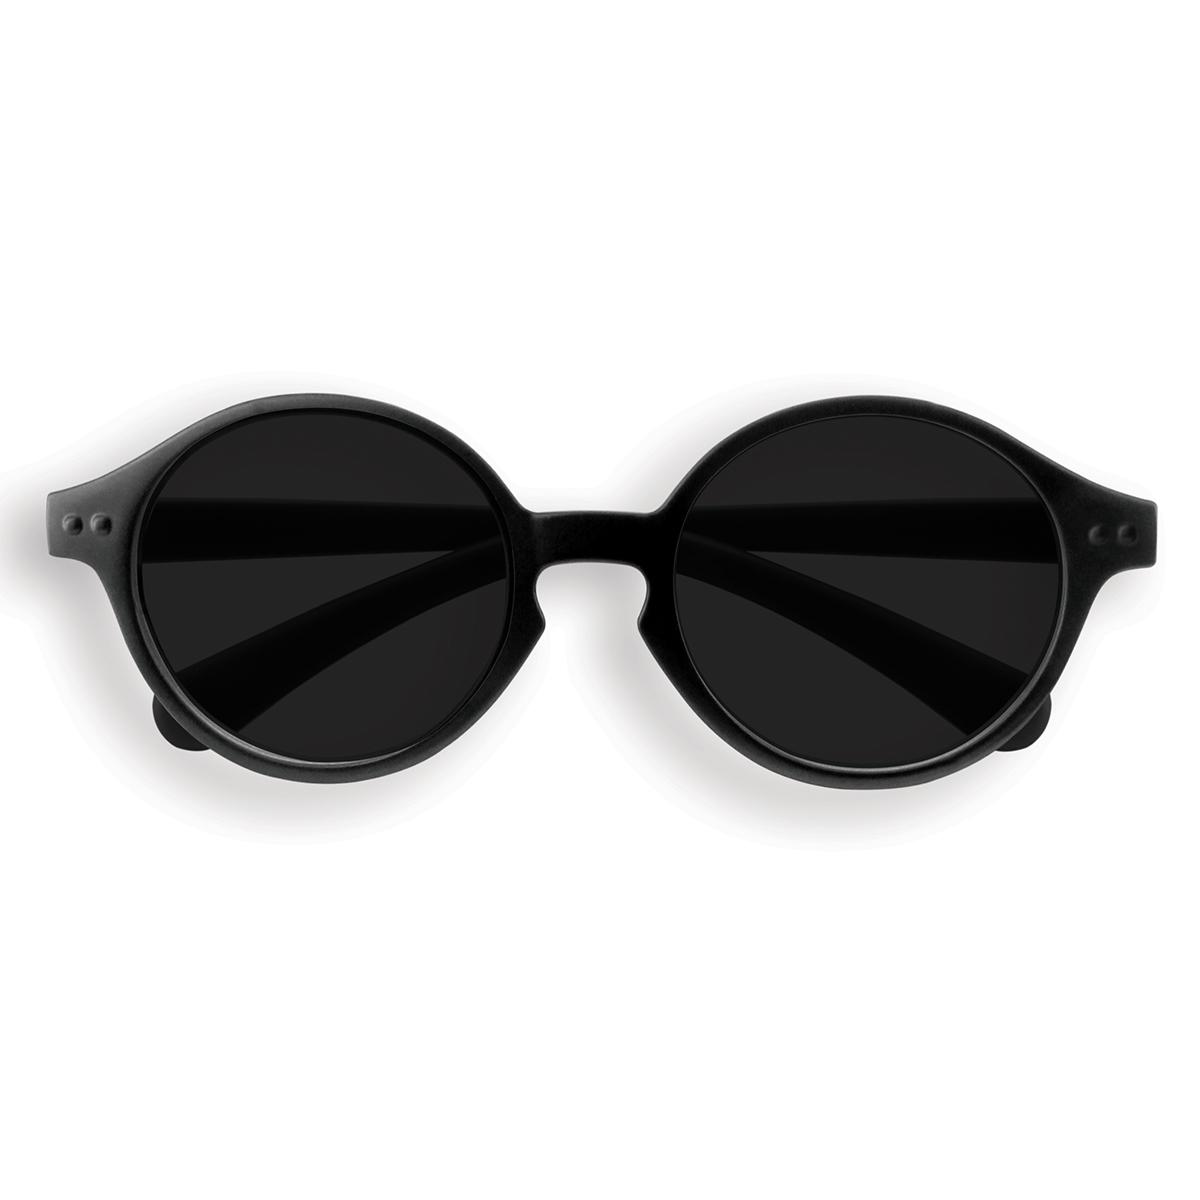 Accessoires bébé Lunettes de Soleil Sun Kids 12/36 Mois - Black Lunettes de Soleil Sun Kids 12/36 Mois - Black